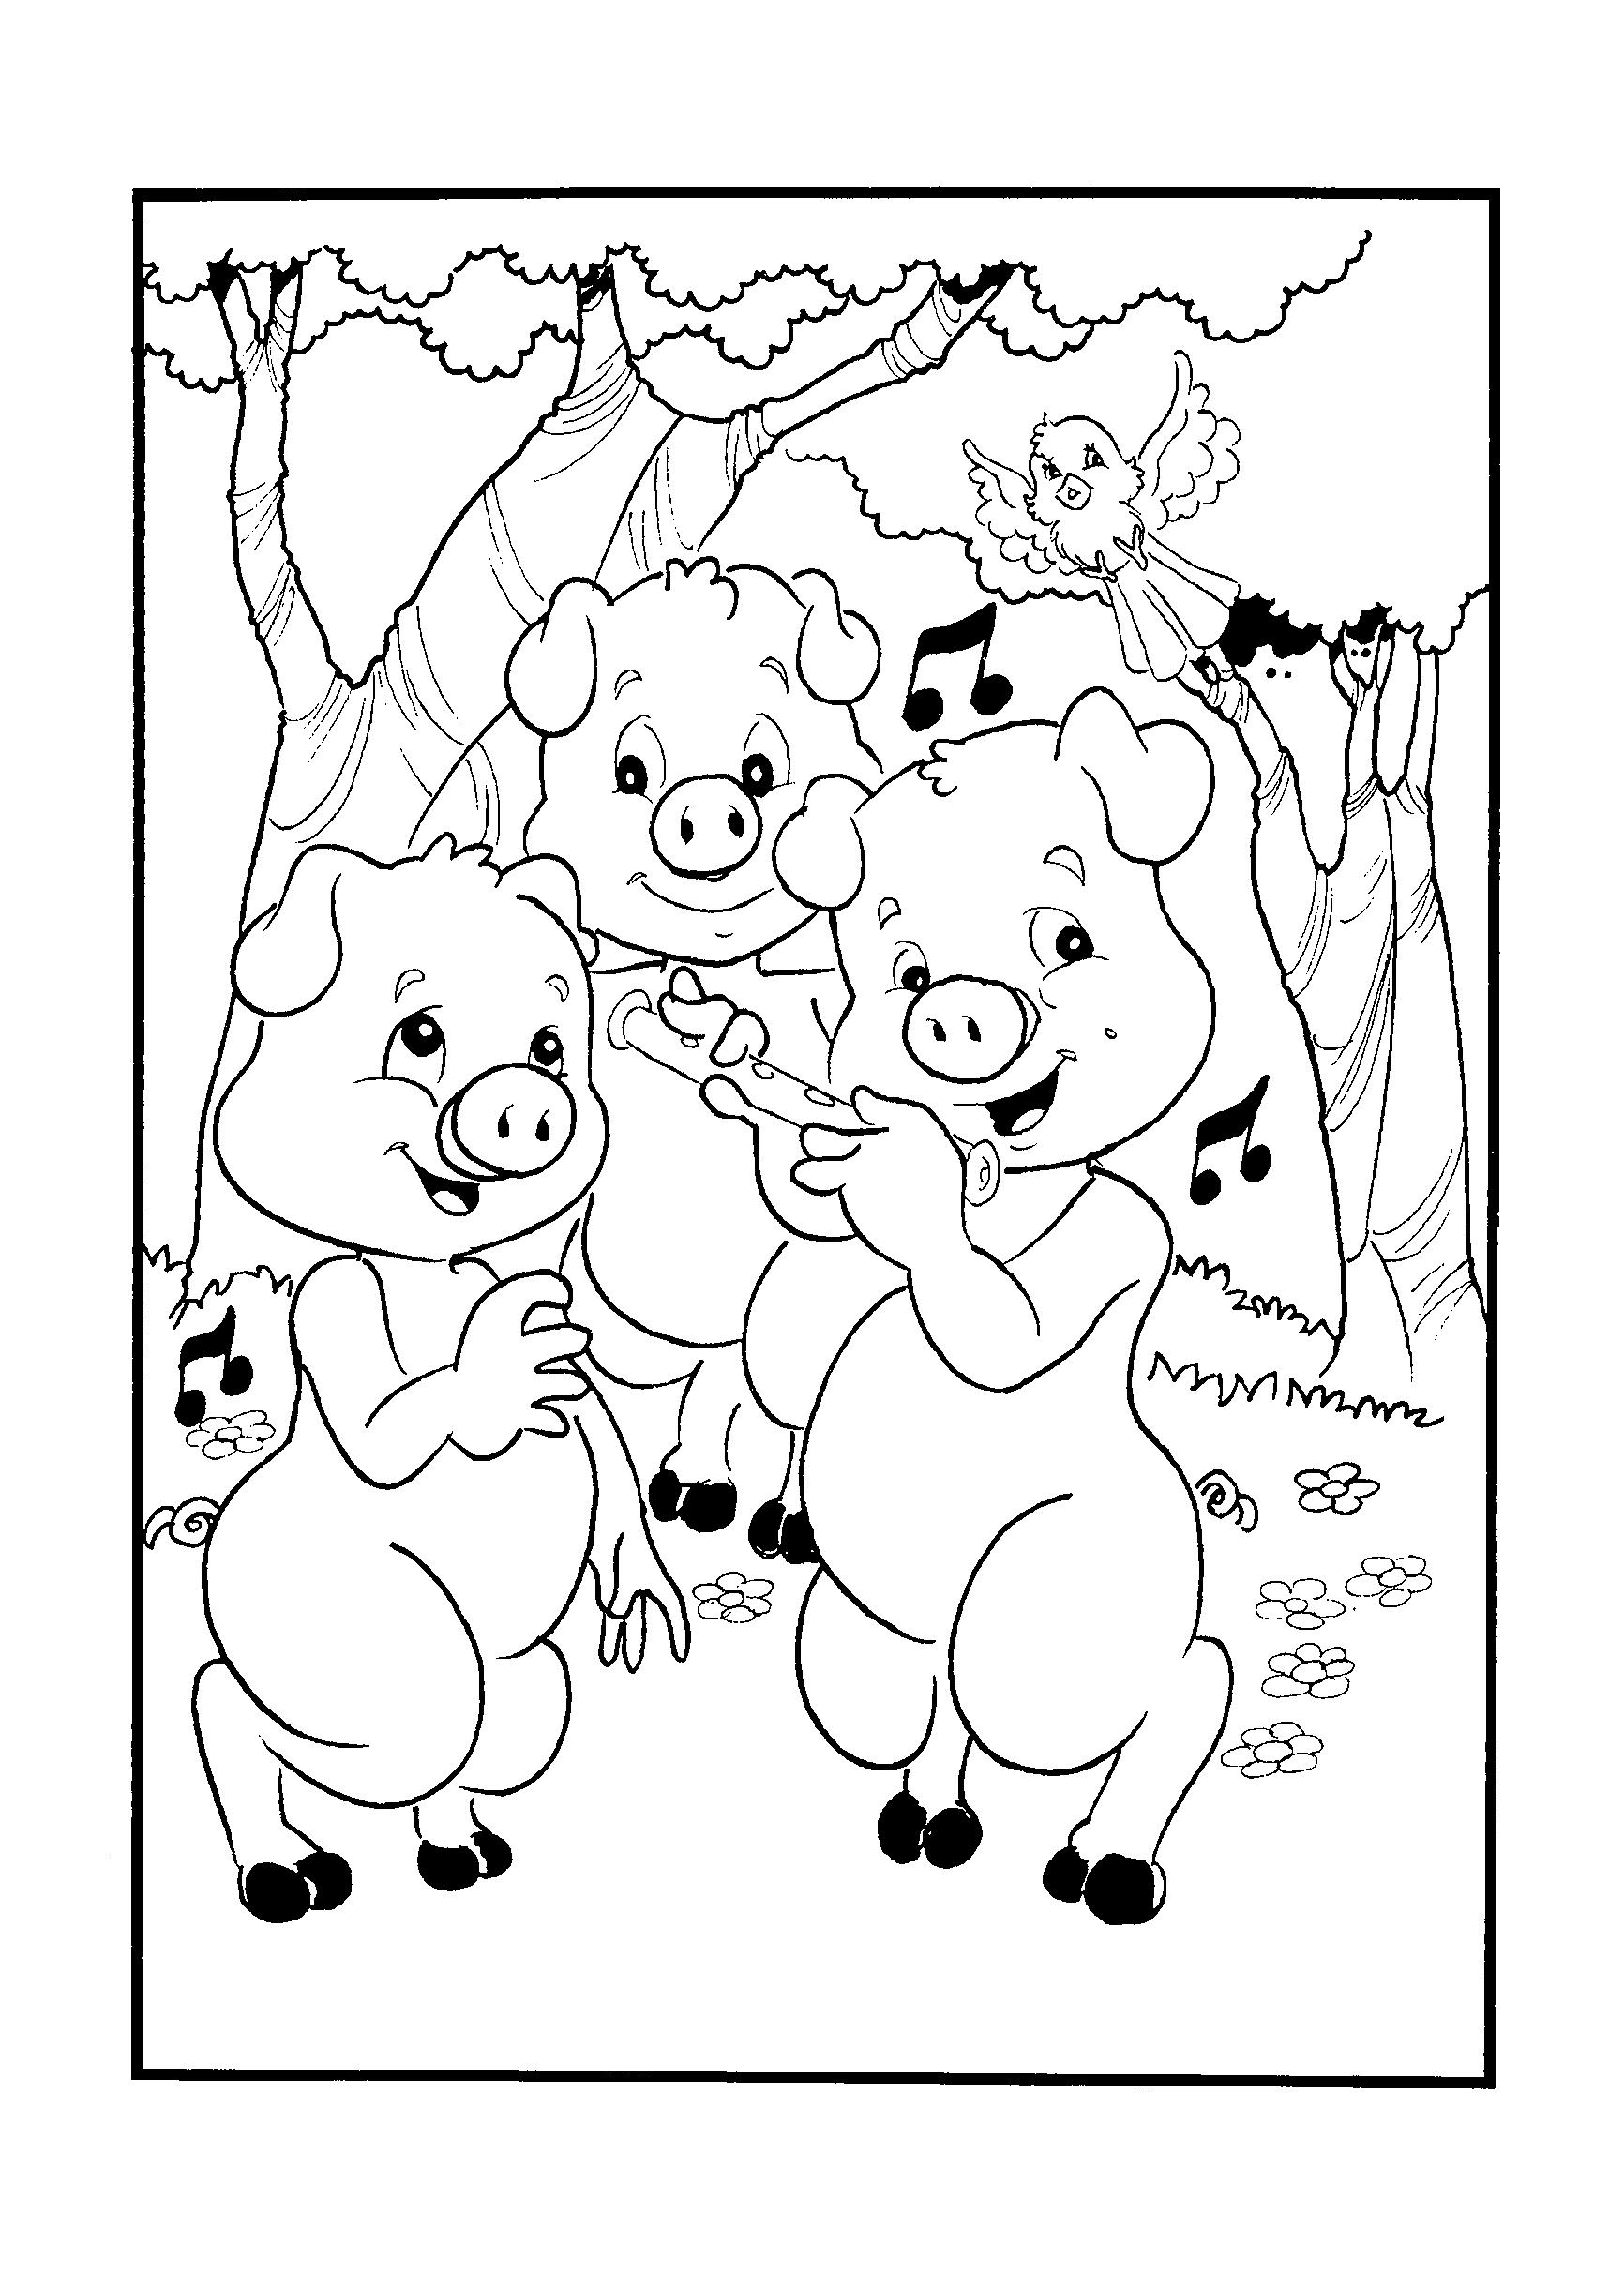 Desenho dos três porquinhos